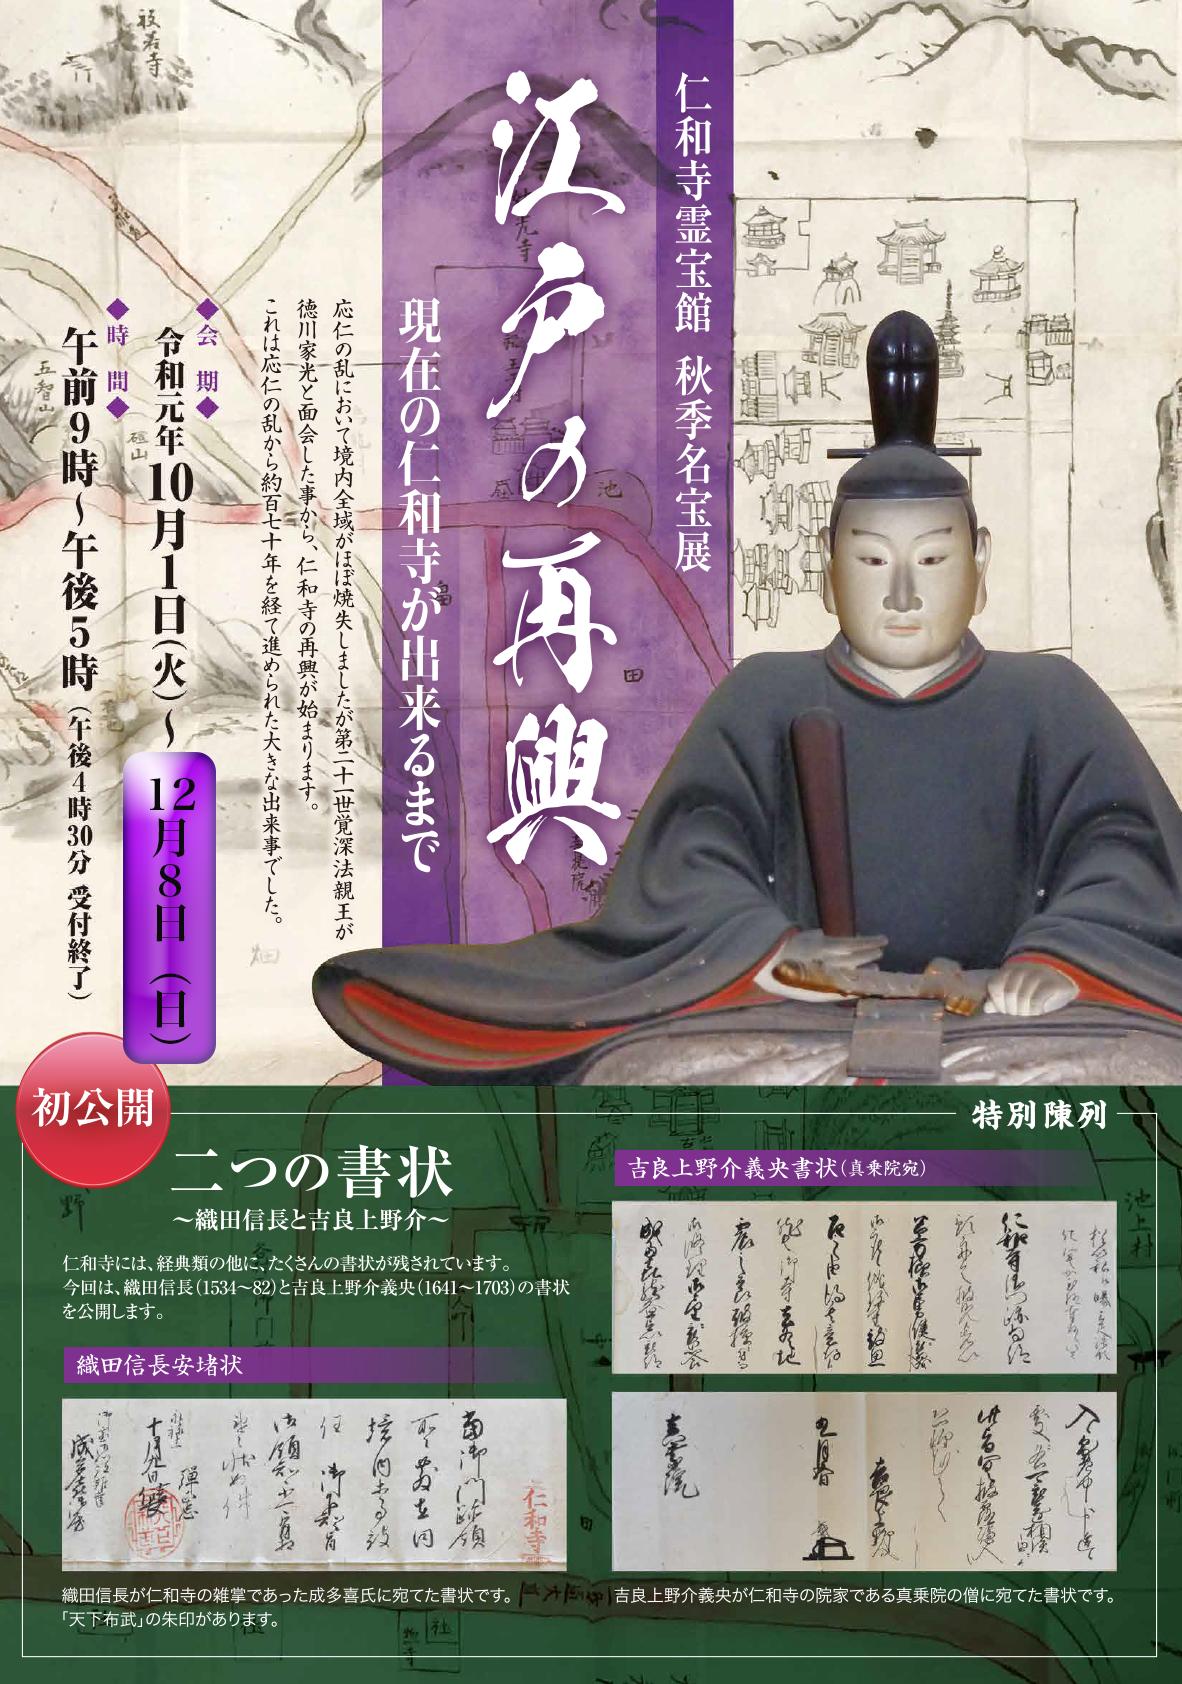 霊宝館秋季名宝展